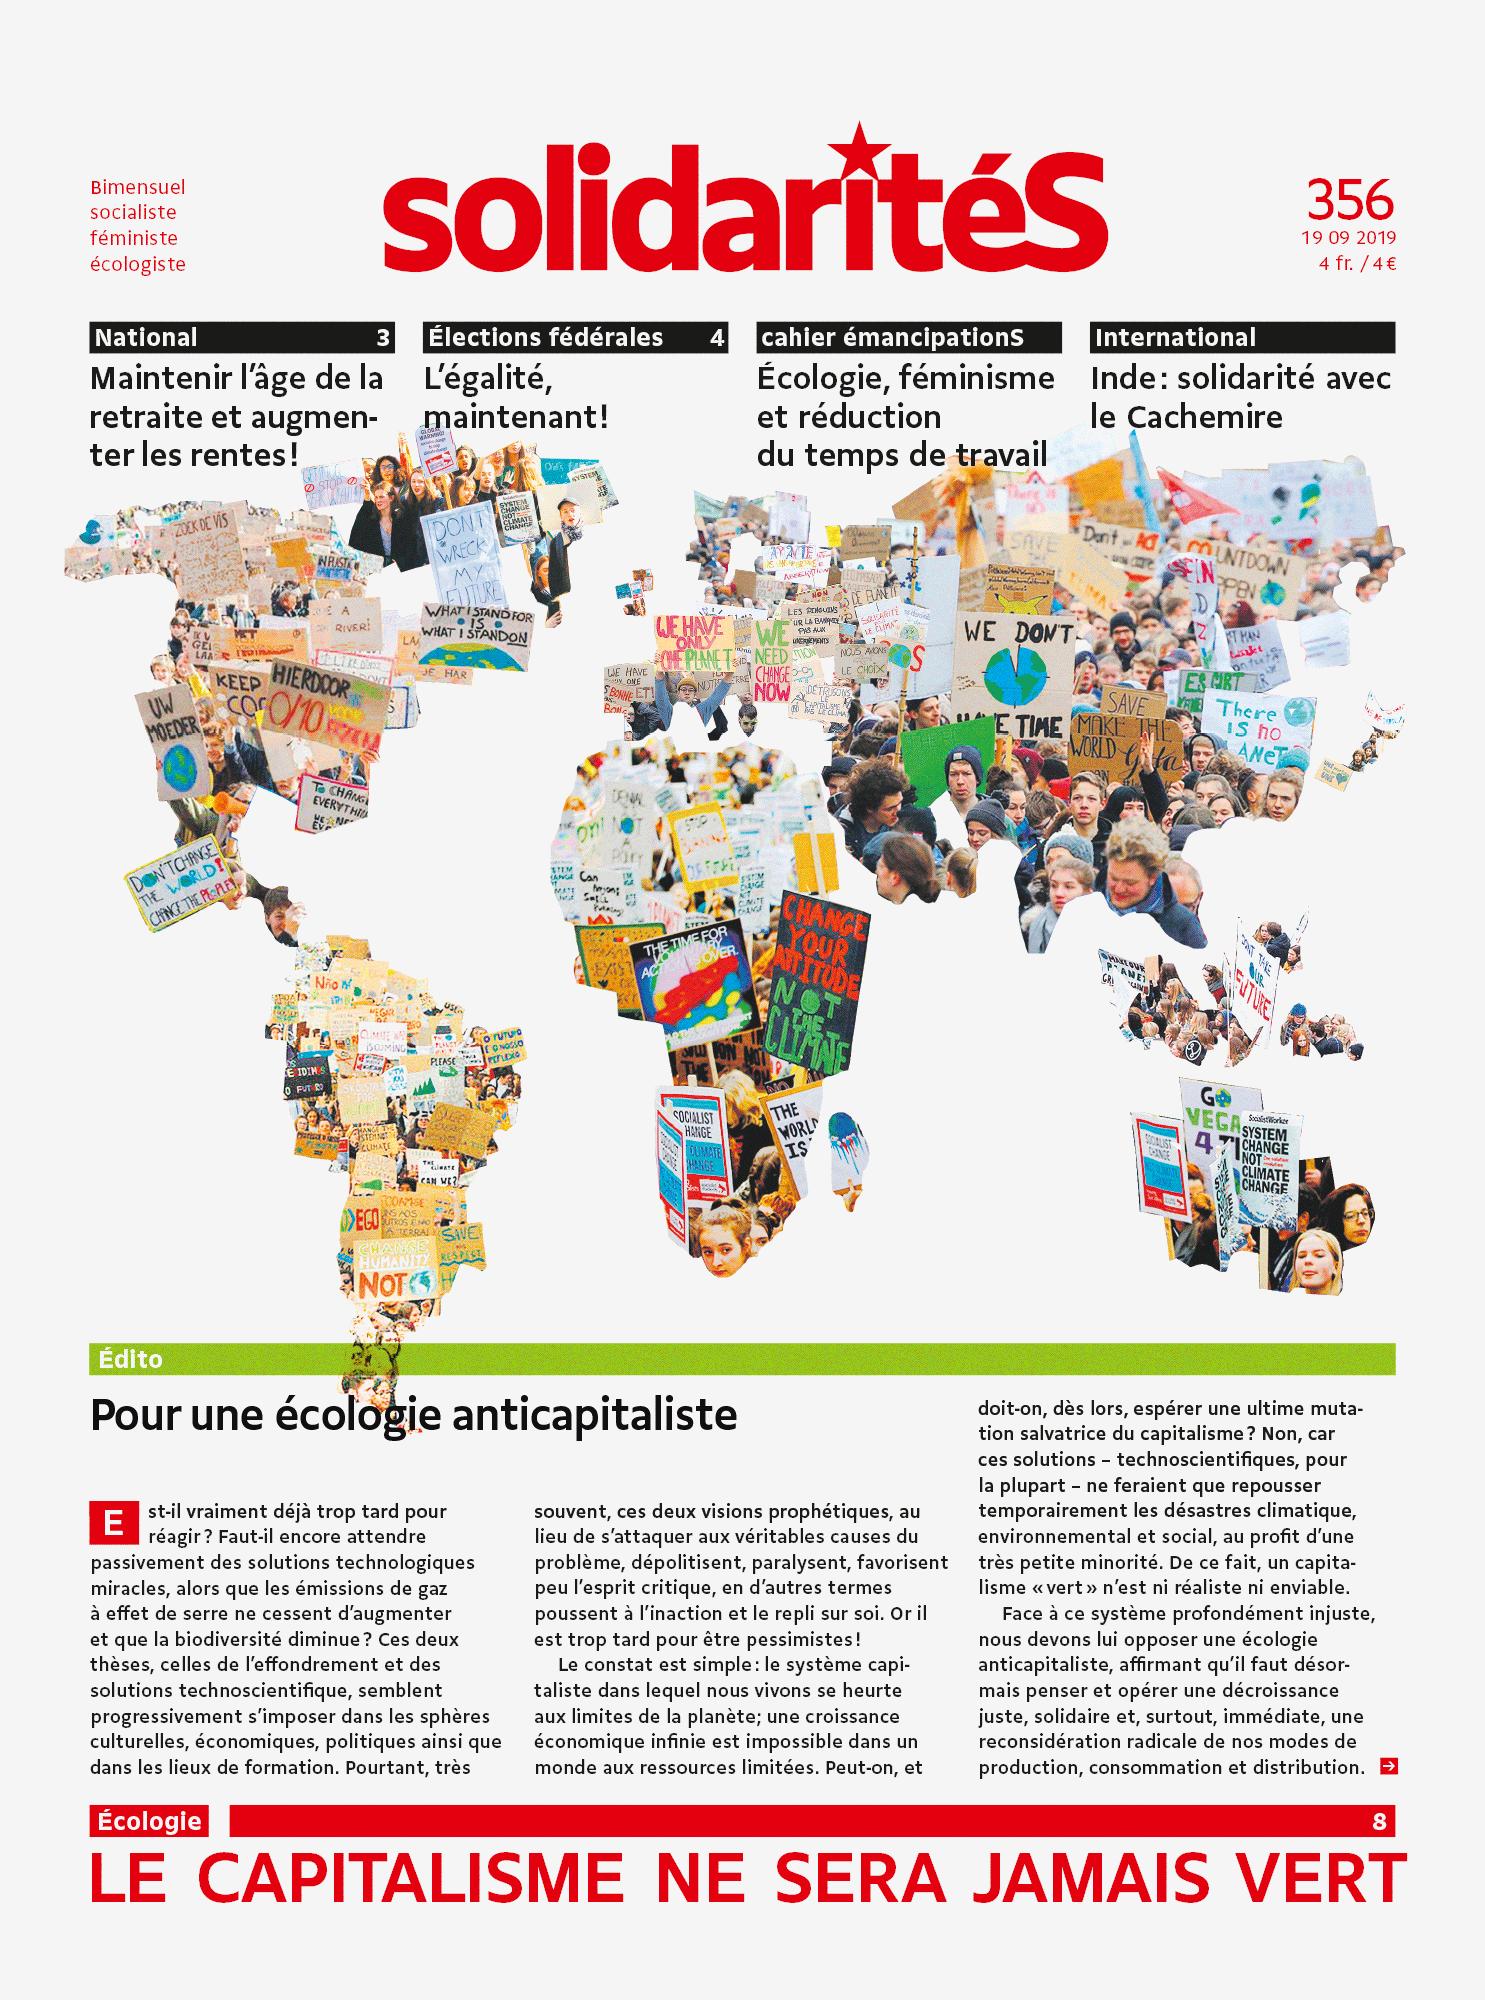 Collage de photos de manifestations pour le climat représentant une carte du monde